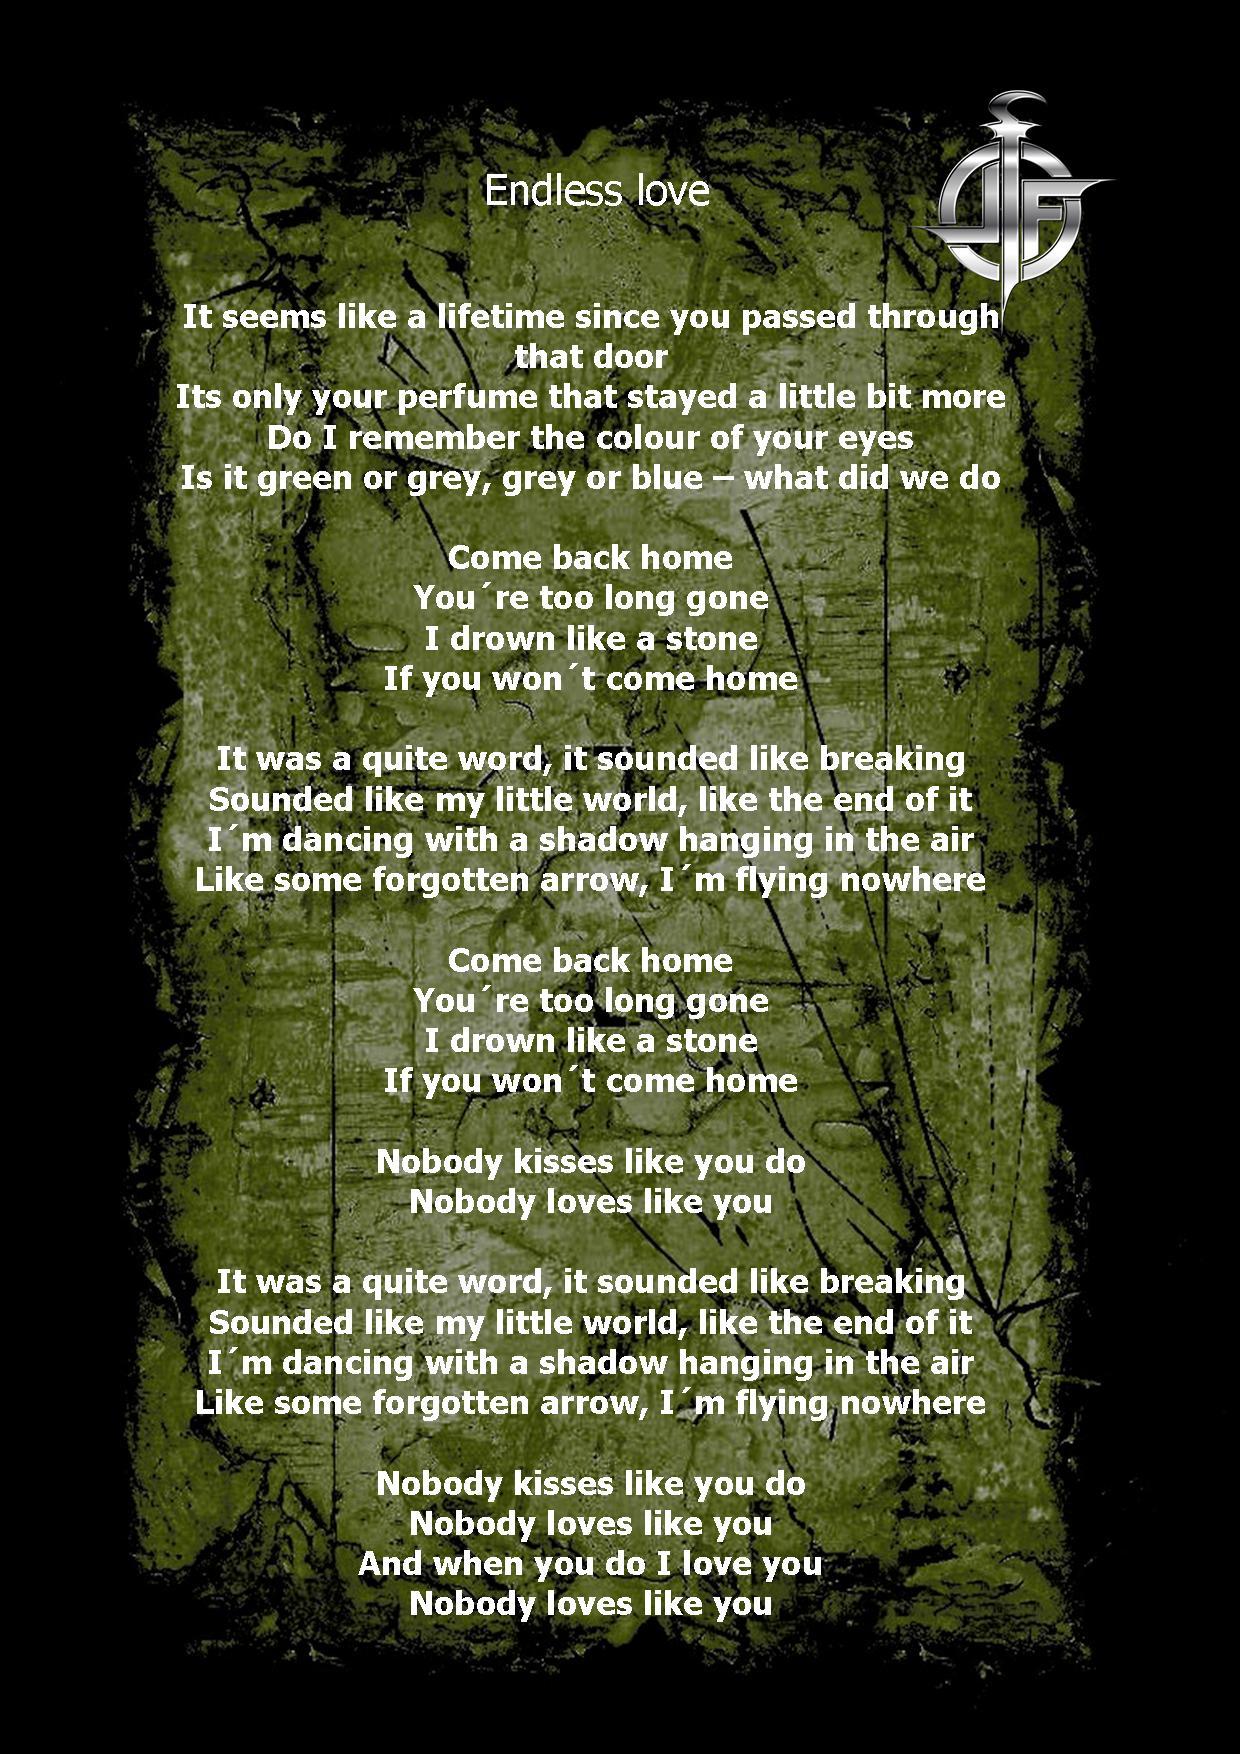 endless love lyrics: